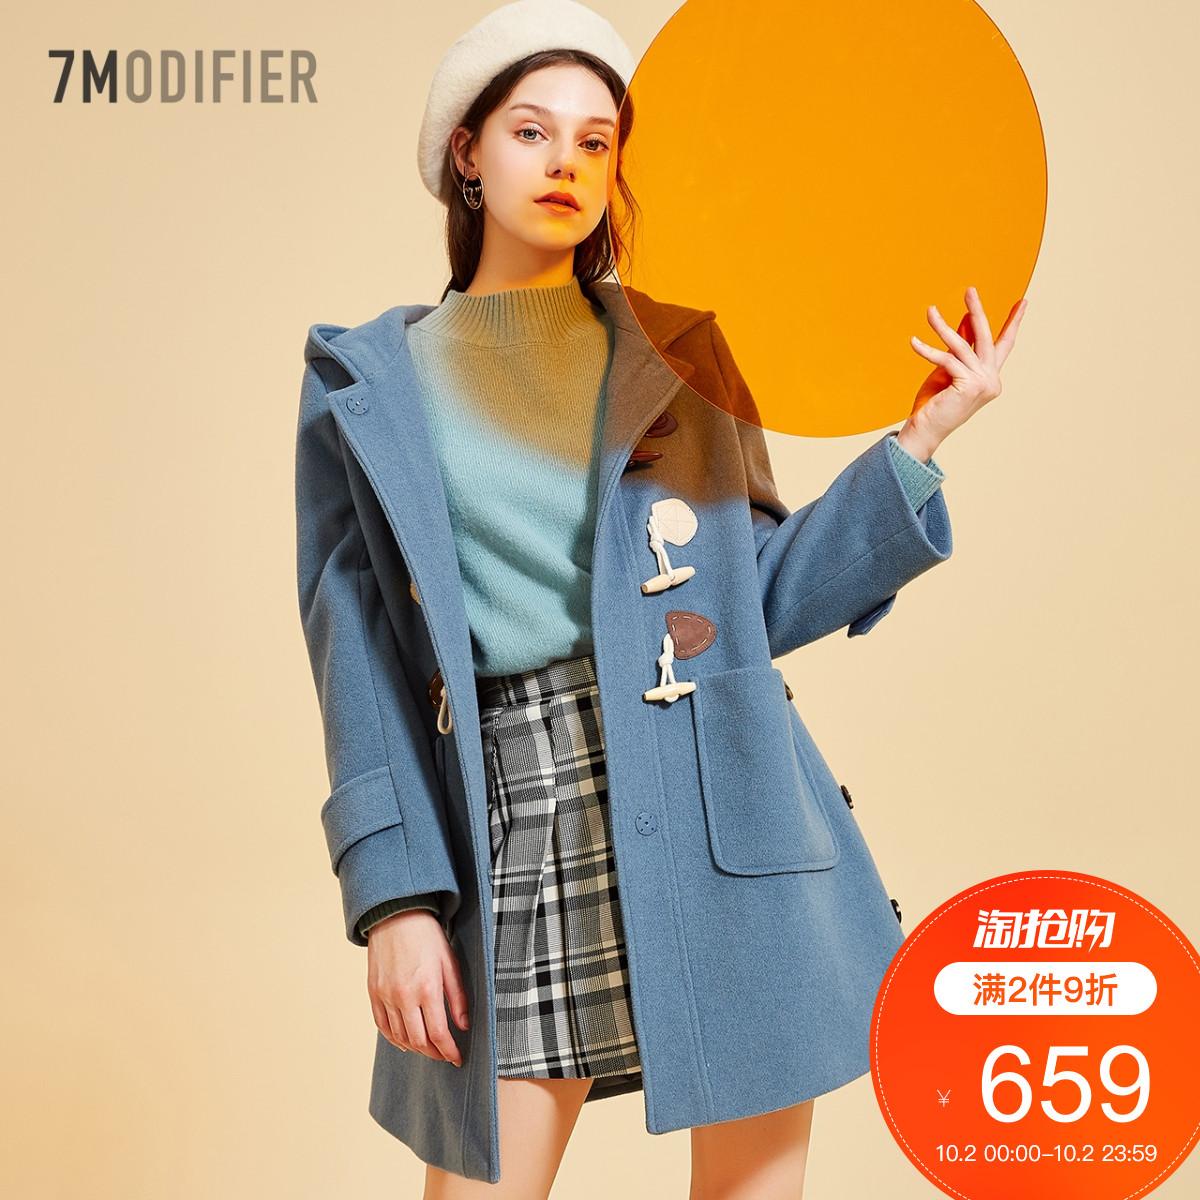 毛呢外套女2018秋冬季新款韩版中长学生宽松牛角扣羊毛双面呢大衣